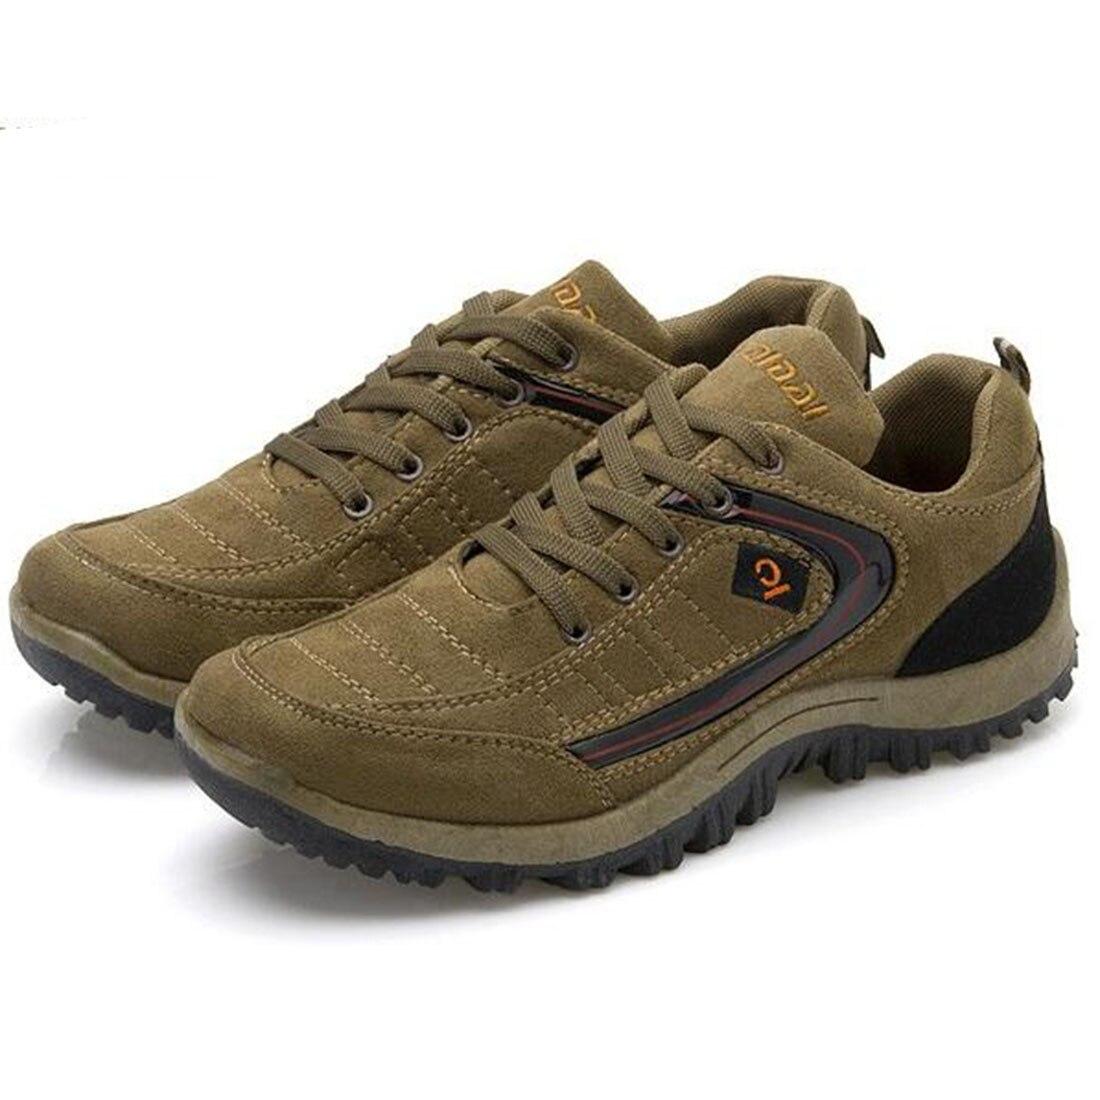 Me zapatos Caliente de Gran Tamaño de LA UE 44 Hombres Zapatos Casual Hombres Bo